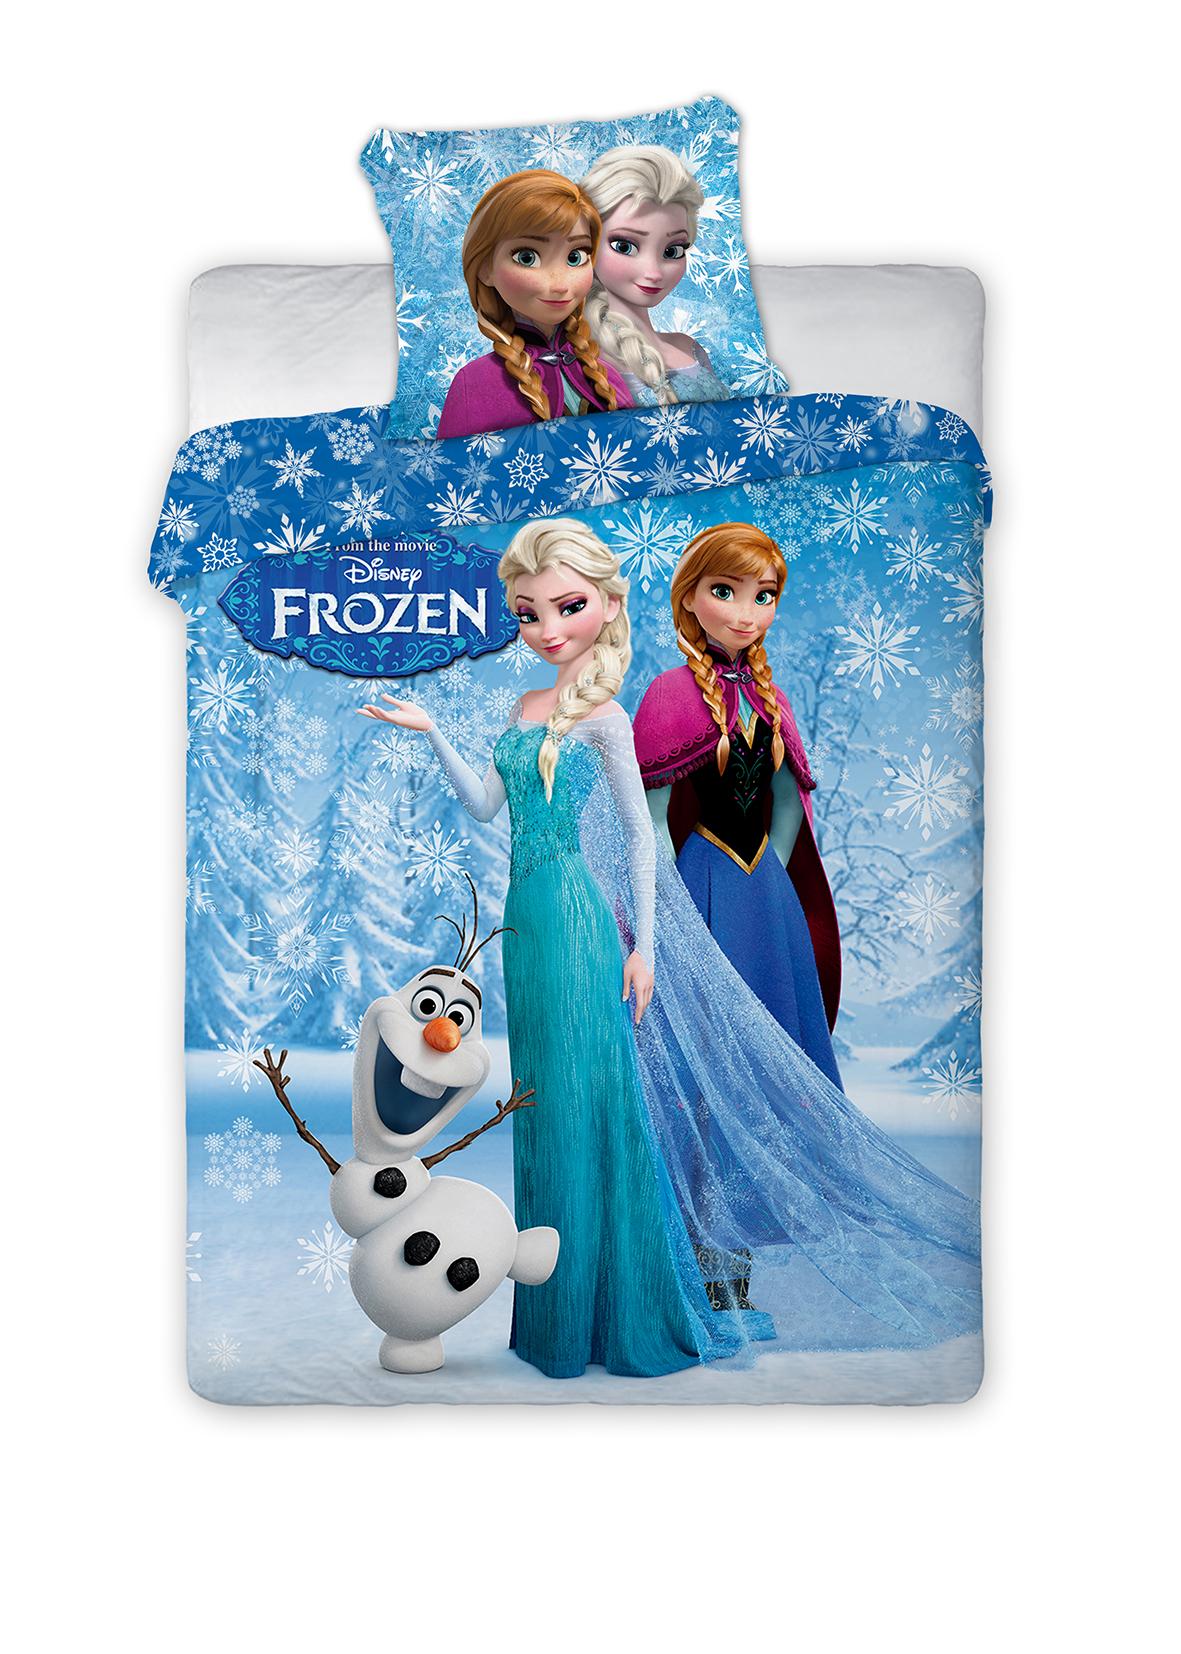 Detské obliečky 200x160 cm - Faro - MOB - Frozen - 002. Akcia -11%. Sme autorizovaný predajca Faro. Vlastná spoľahlivá doprava až k Vám domov.